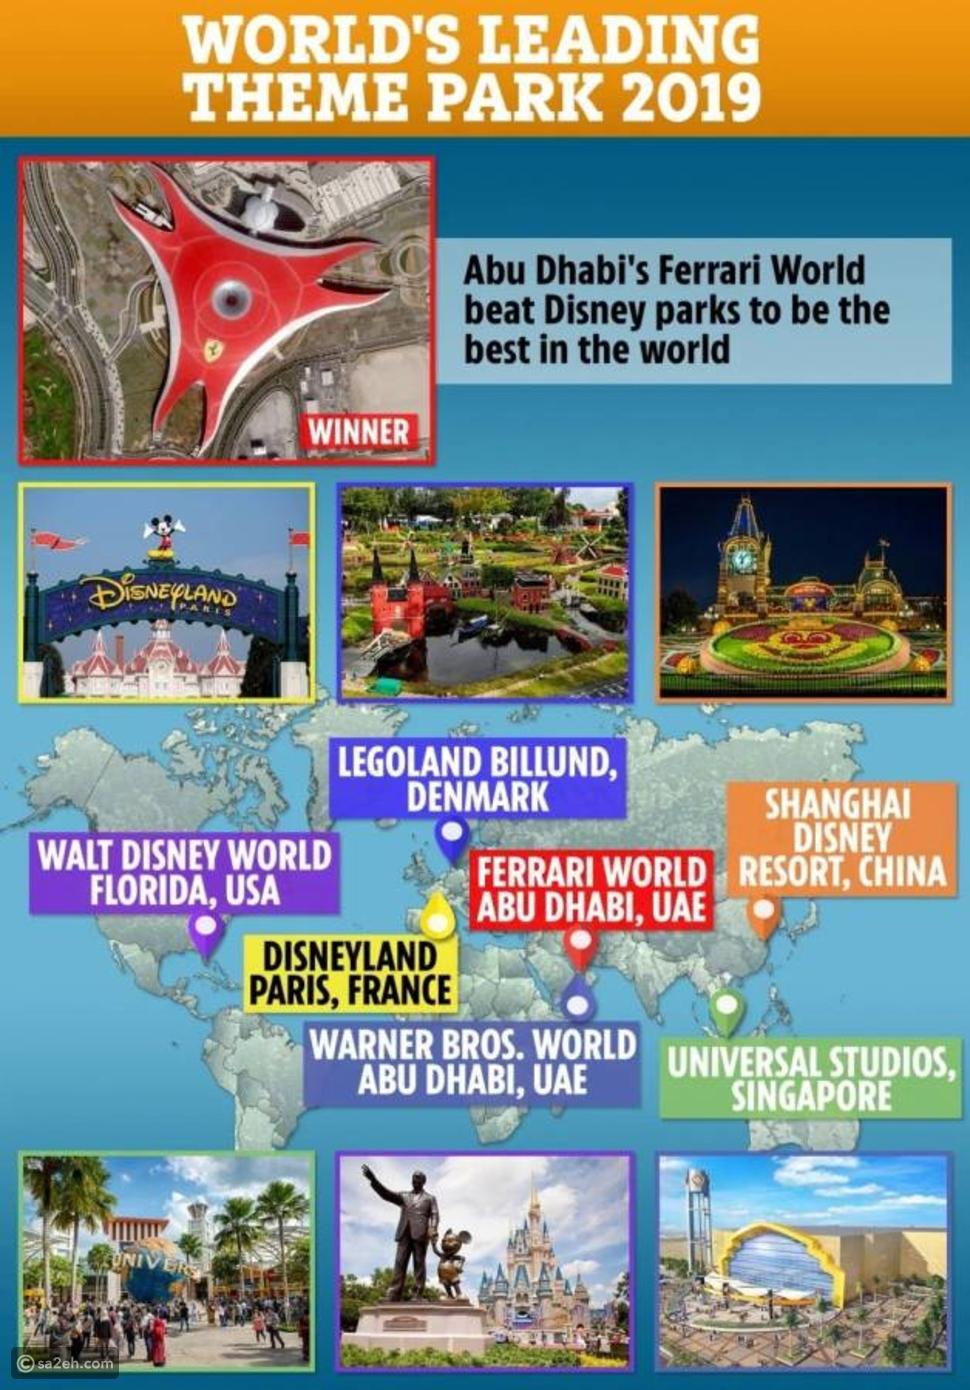 متفوقة على ديزني لاند: عالم فيراري أبو ظبي تحصد لقب أفضل ملاهي في 2019